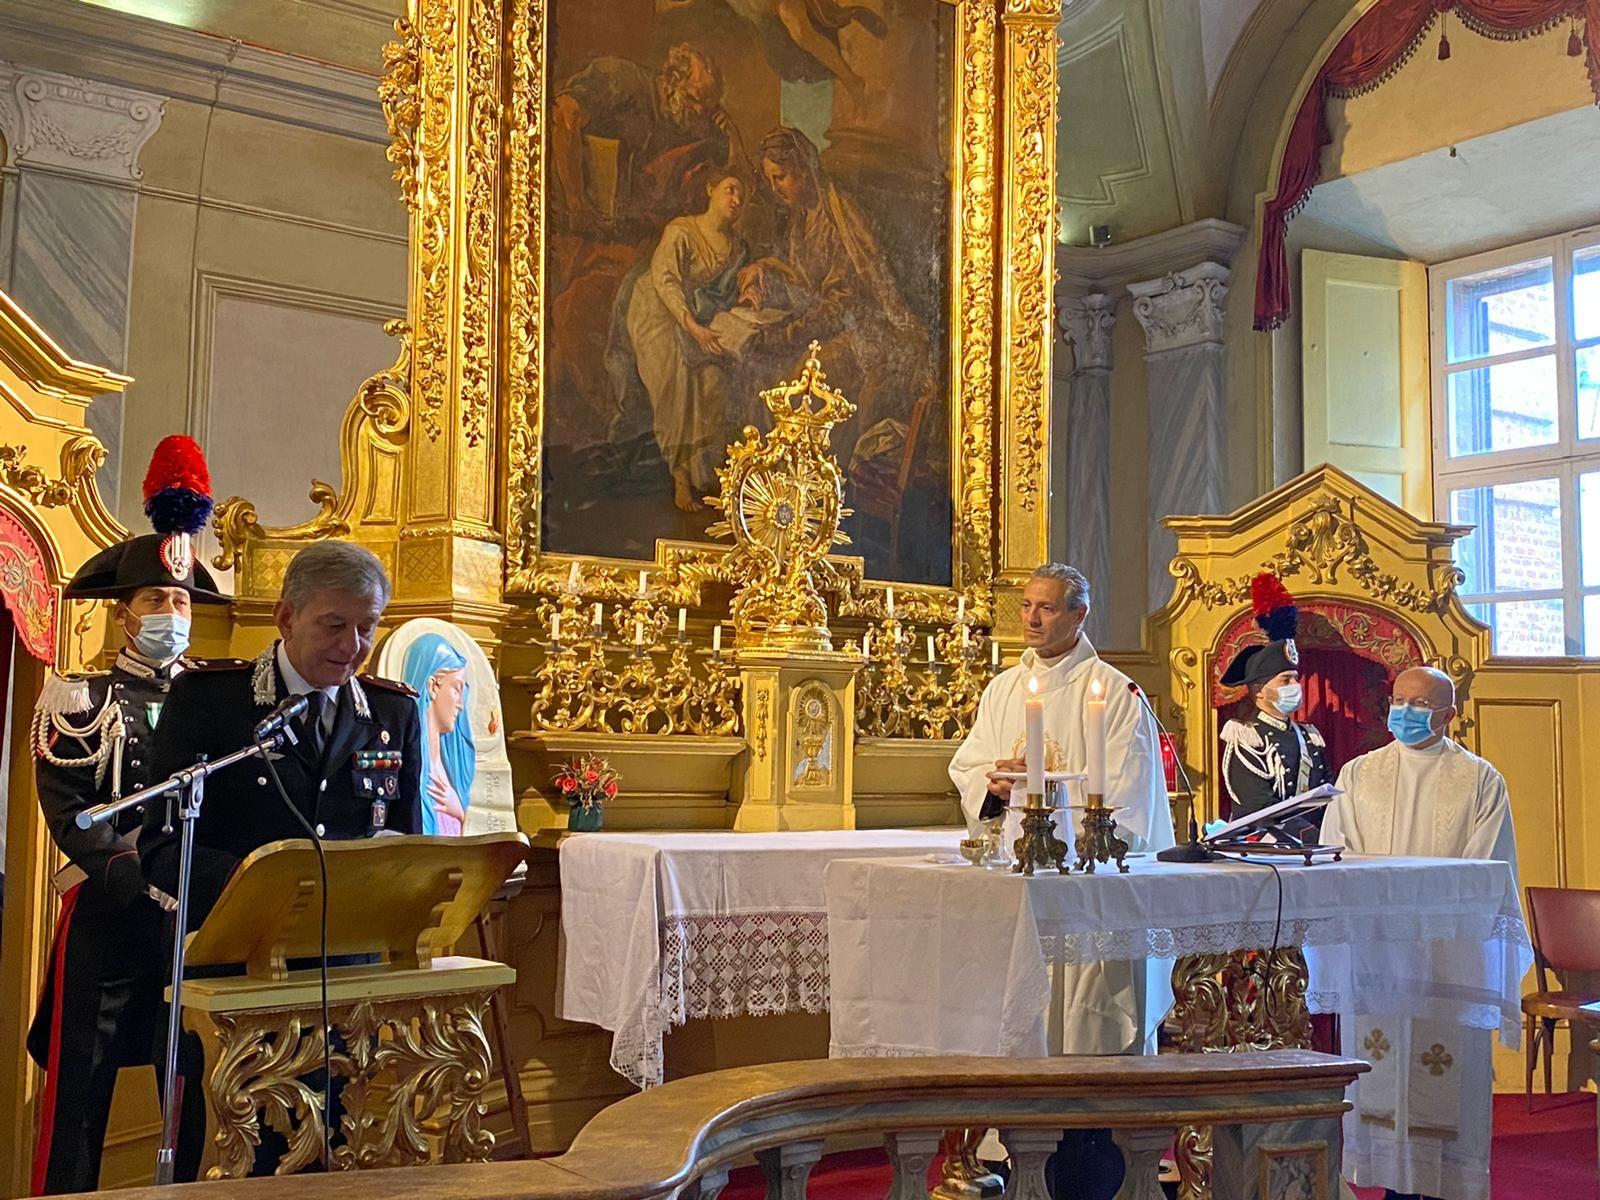 CARABINIERI - L'Arma celebra oggi la Virgo Fidelis